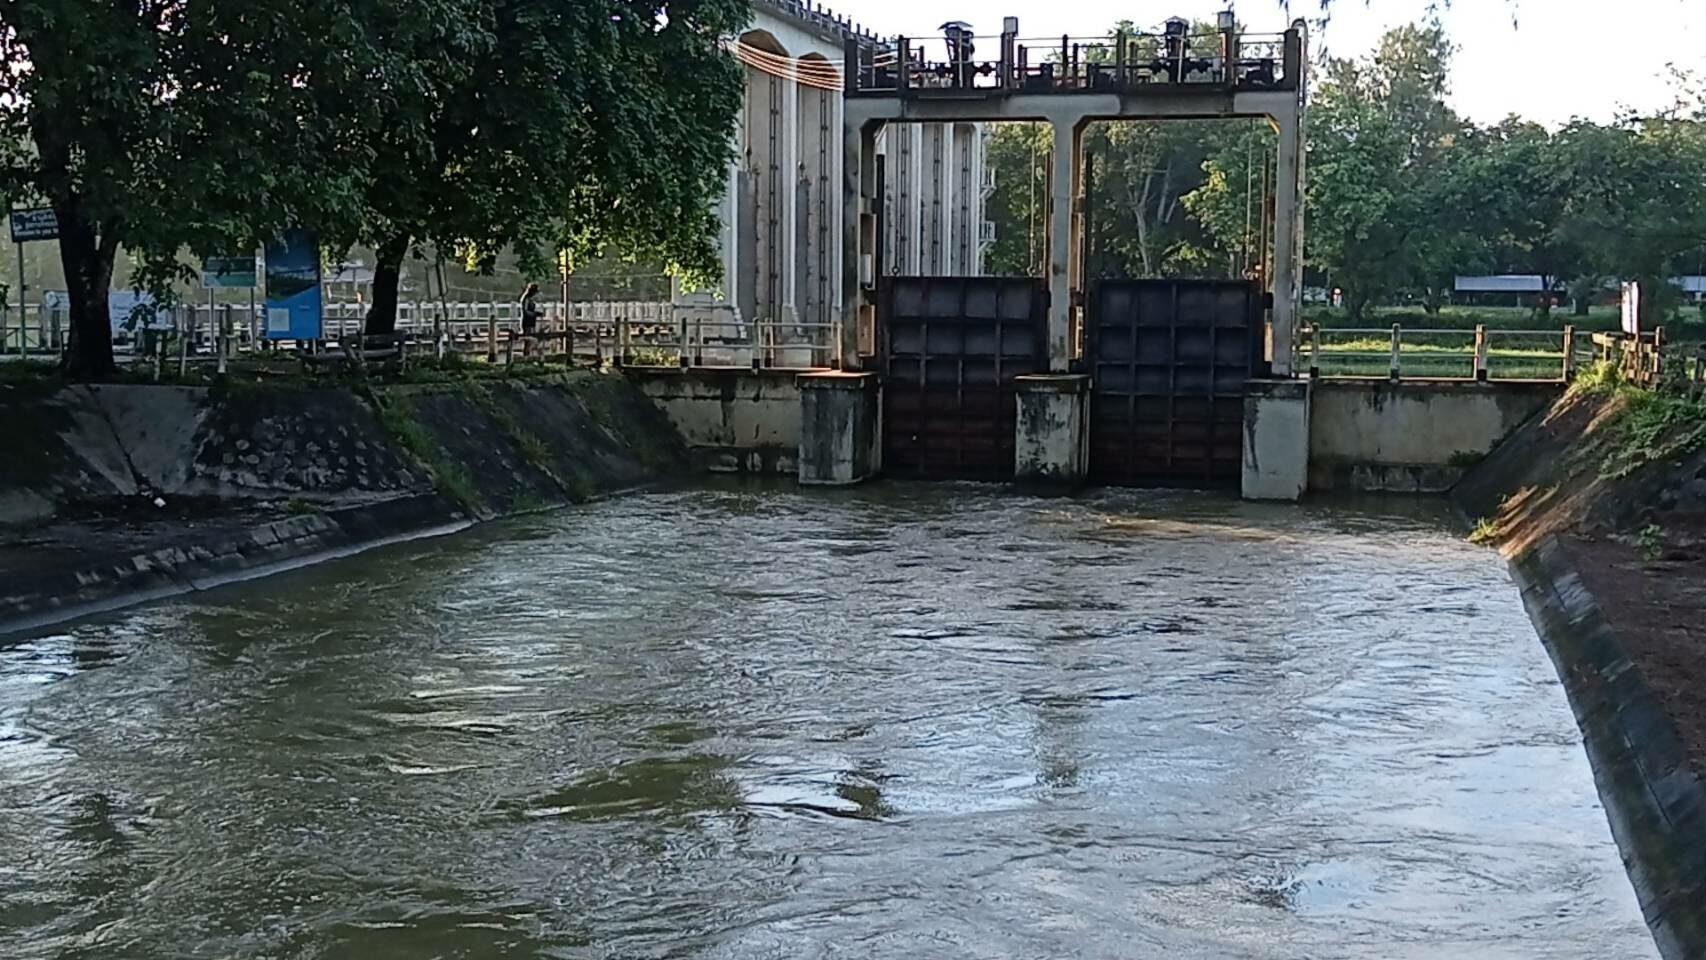 เขื่อนพิมายเร่งติดตั้งเครื่องผลักดันน้ำ ป้องกันน้ำล้นตลิ่งท่วมบ้านเรือนประชาชน